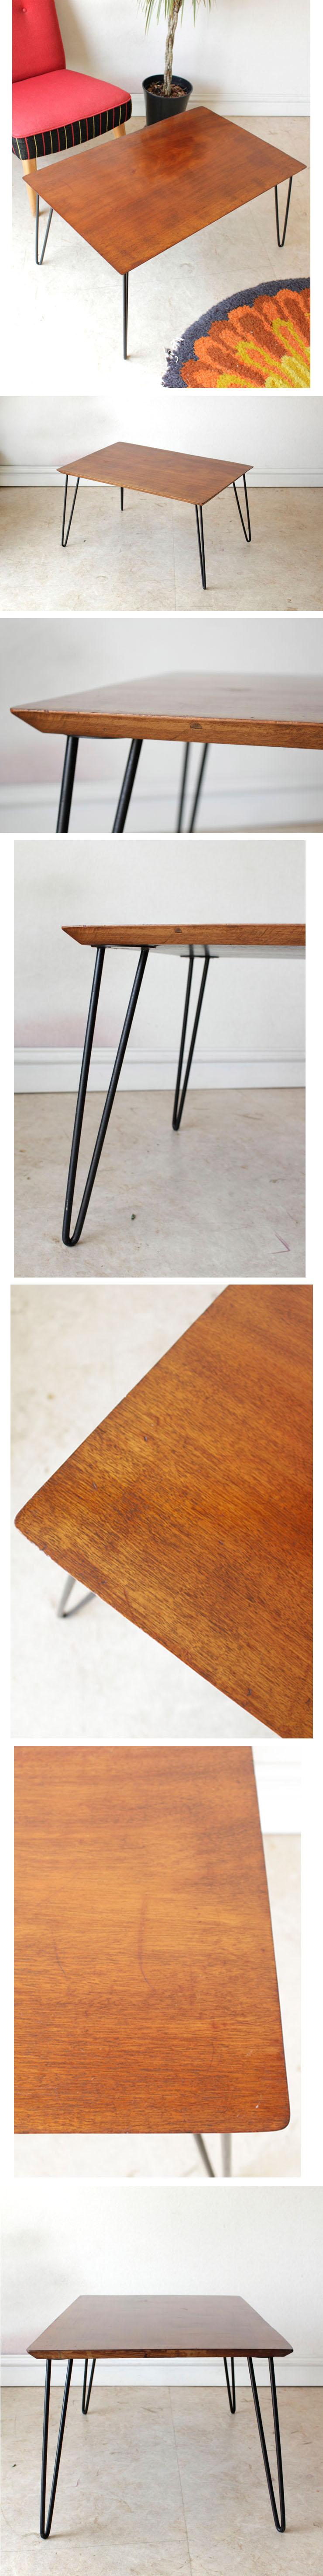 イギリス・ビンテージ・コーヒーテーブル・センターテーブル・ミッドセンチュリー・アンティーク・机